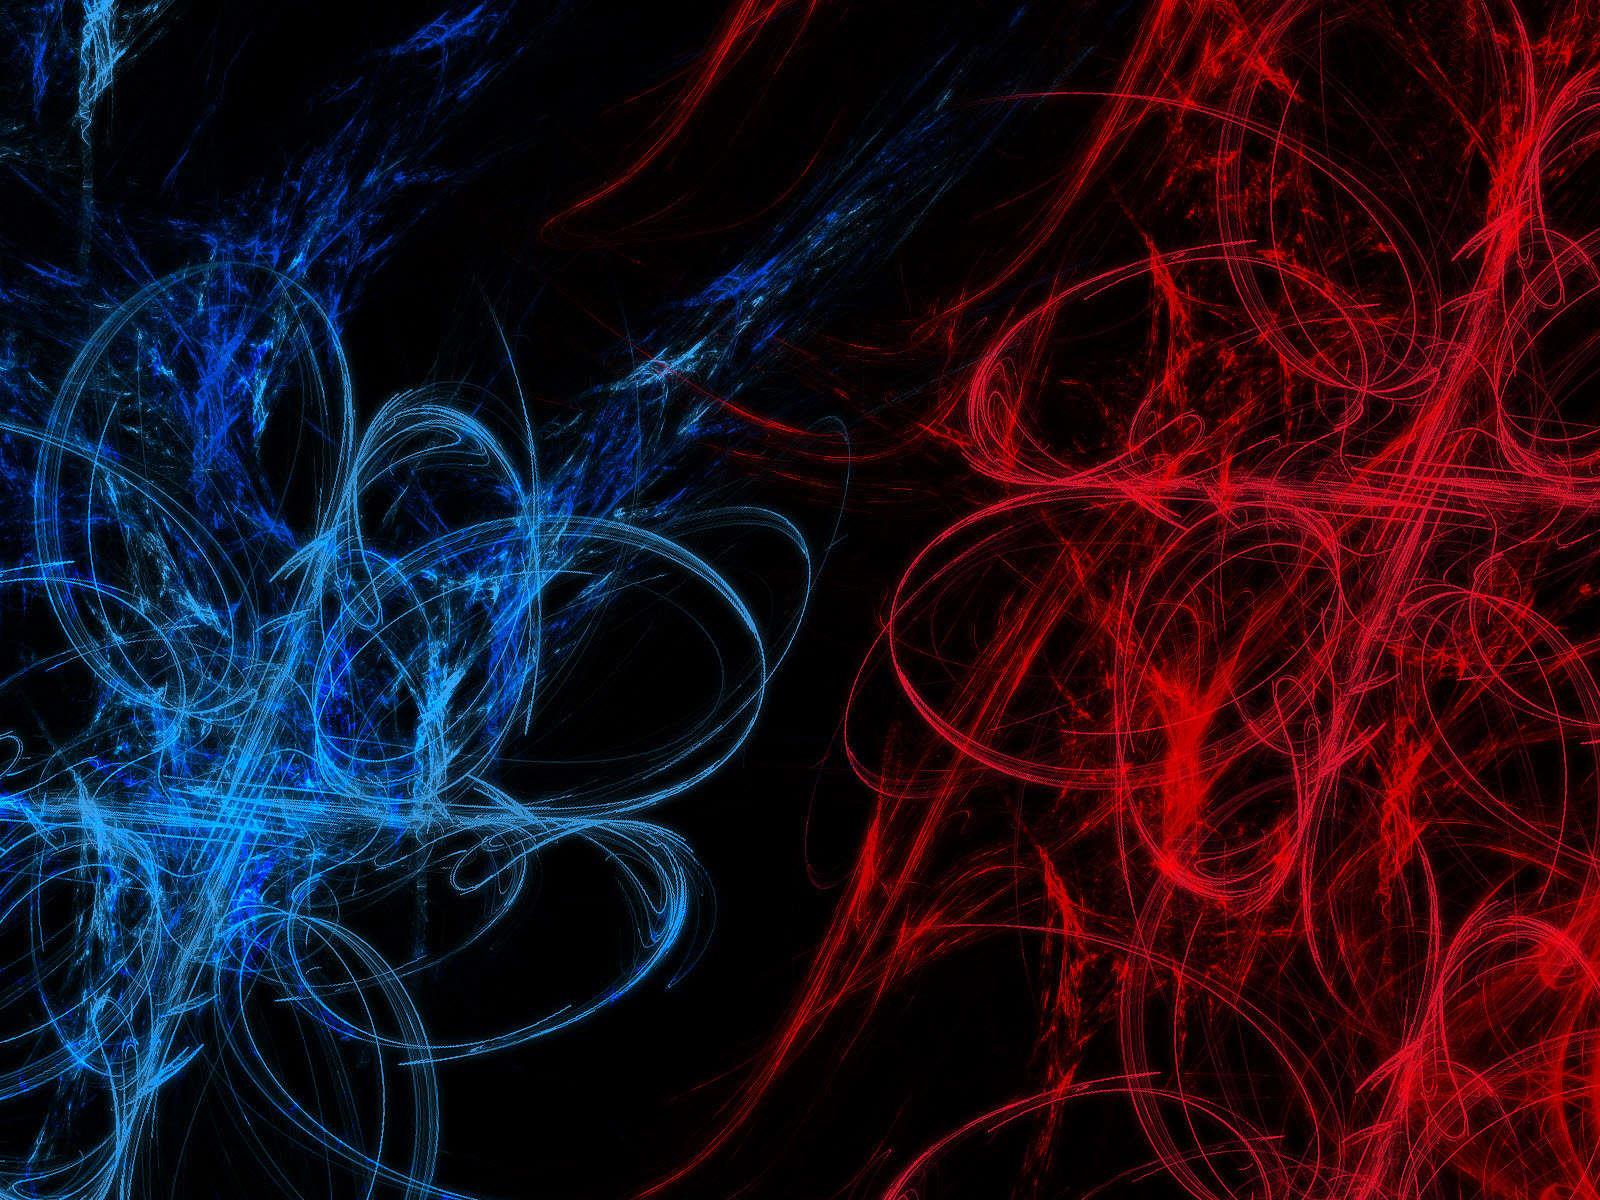 Abstrato Em Azul E Vermelho   Fundo Preto